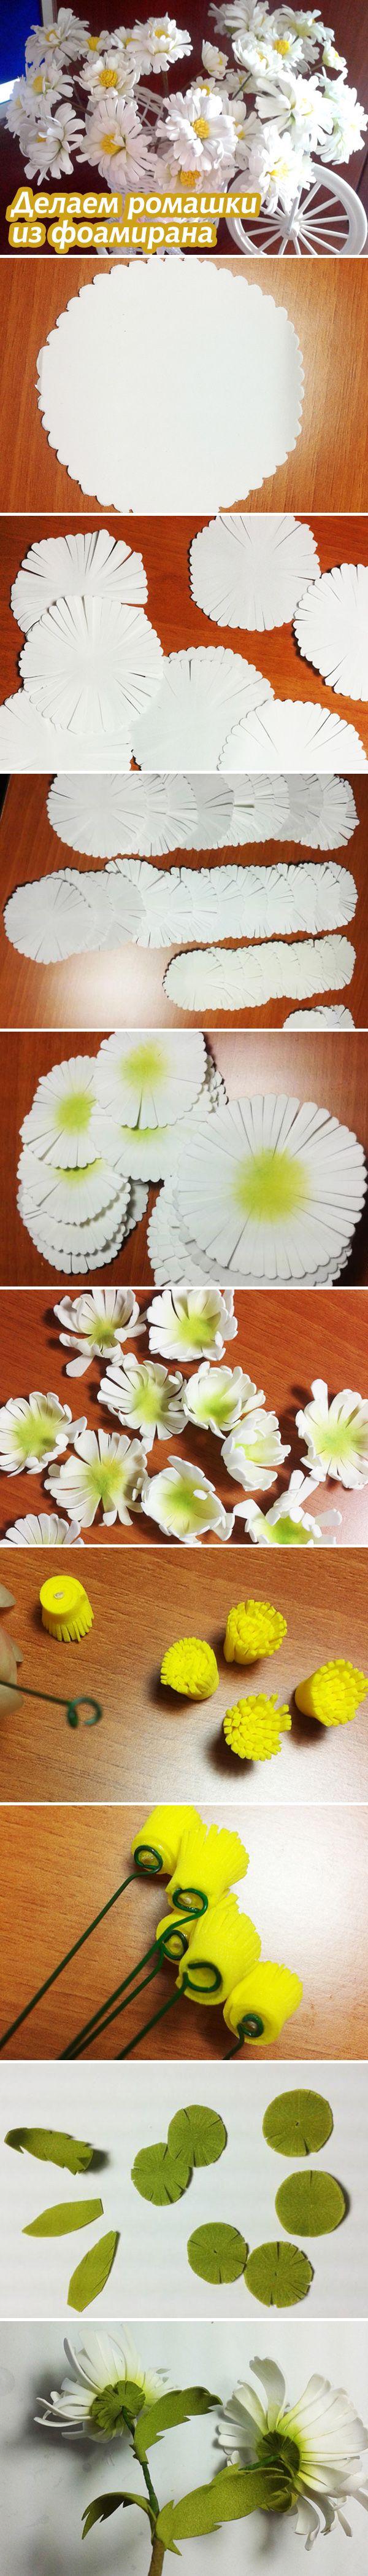 Делаем ромашки из фоамирана  цветы из ткани  Pinterest  Flowers